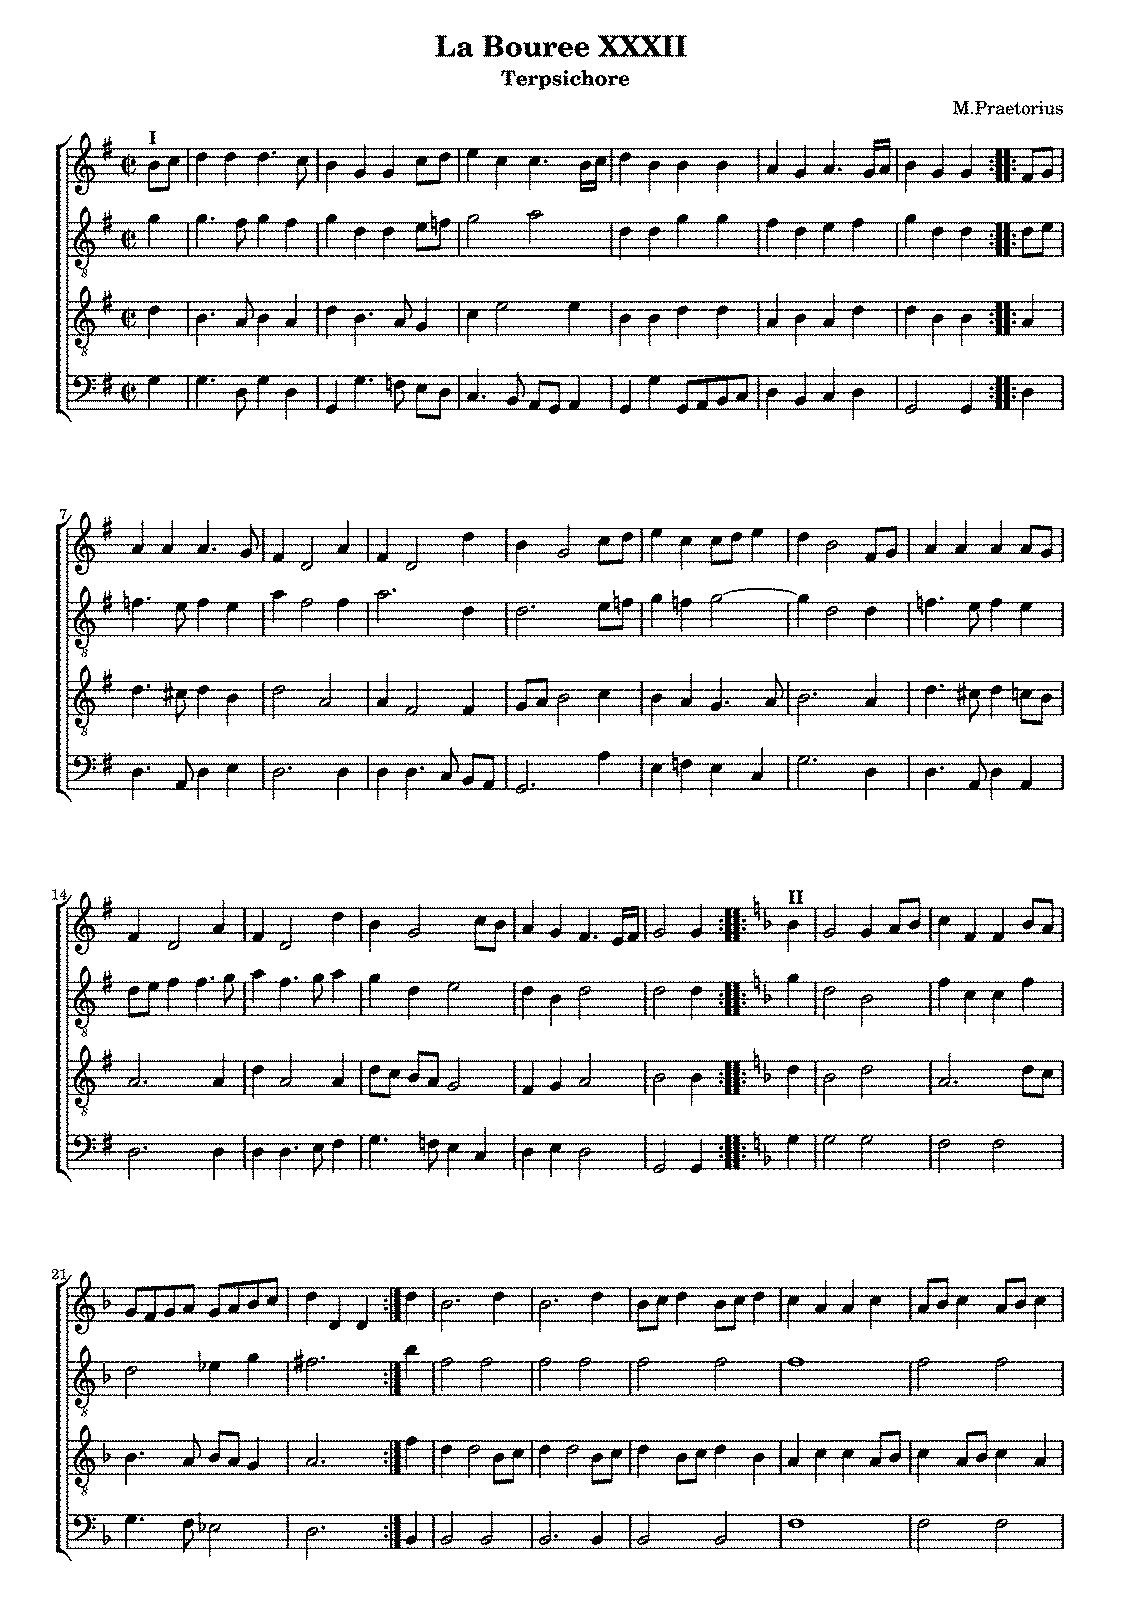 MICHAEL PRAETORIUS TERPSICHORE PDF